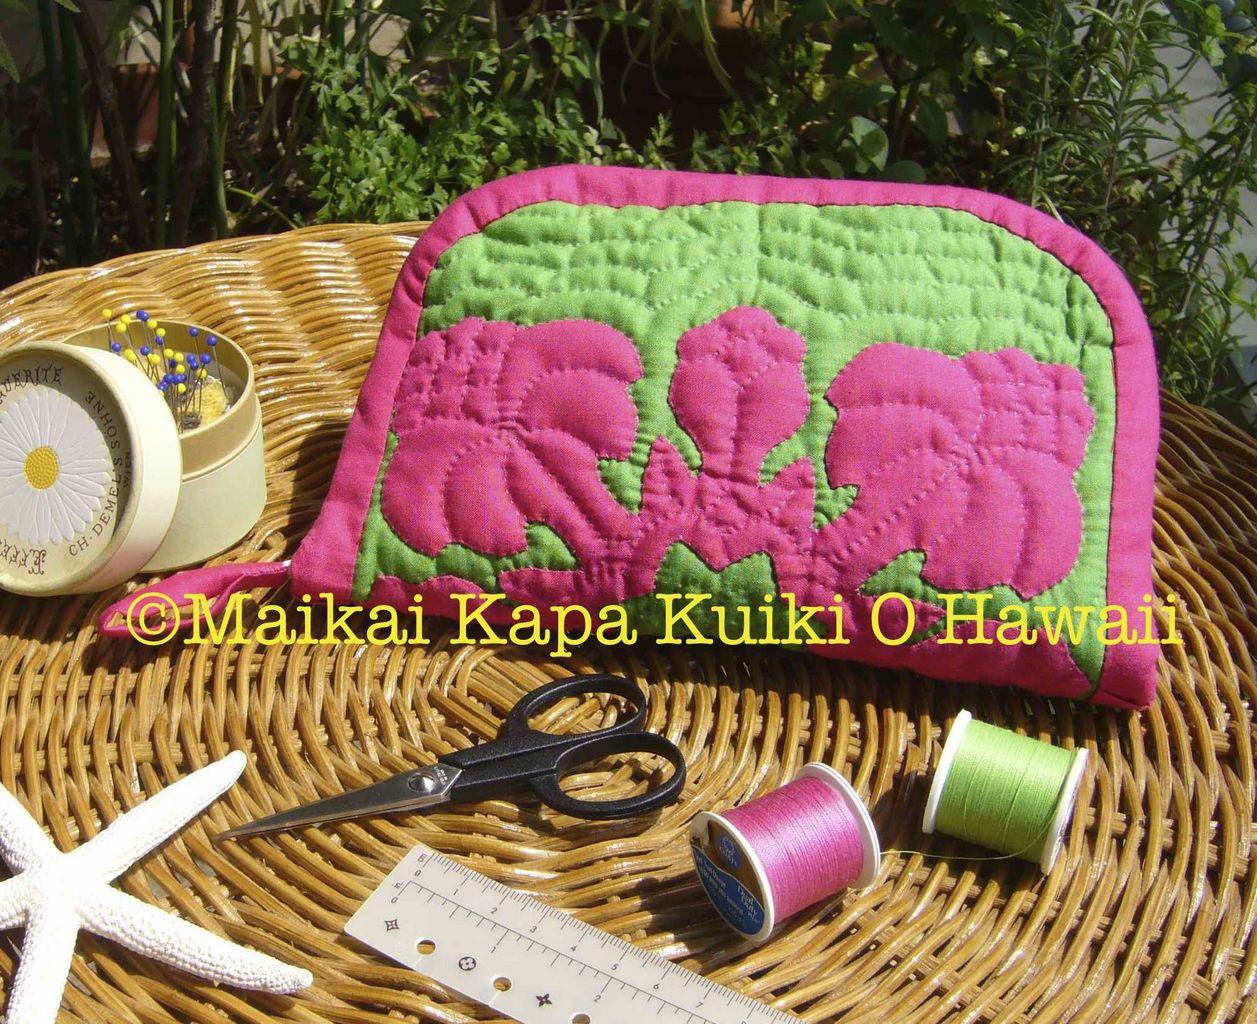 ハワイアンキルト教室 Maikai Kapa Kuiki O Hawaii